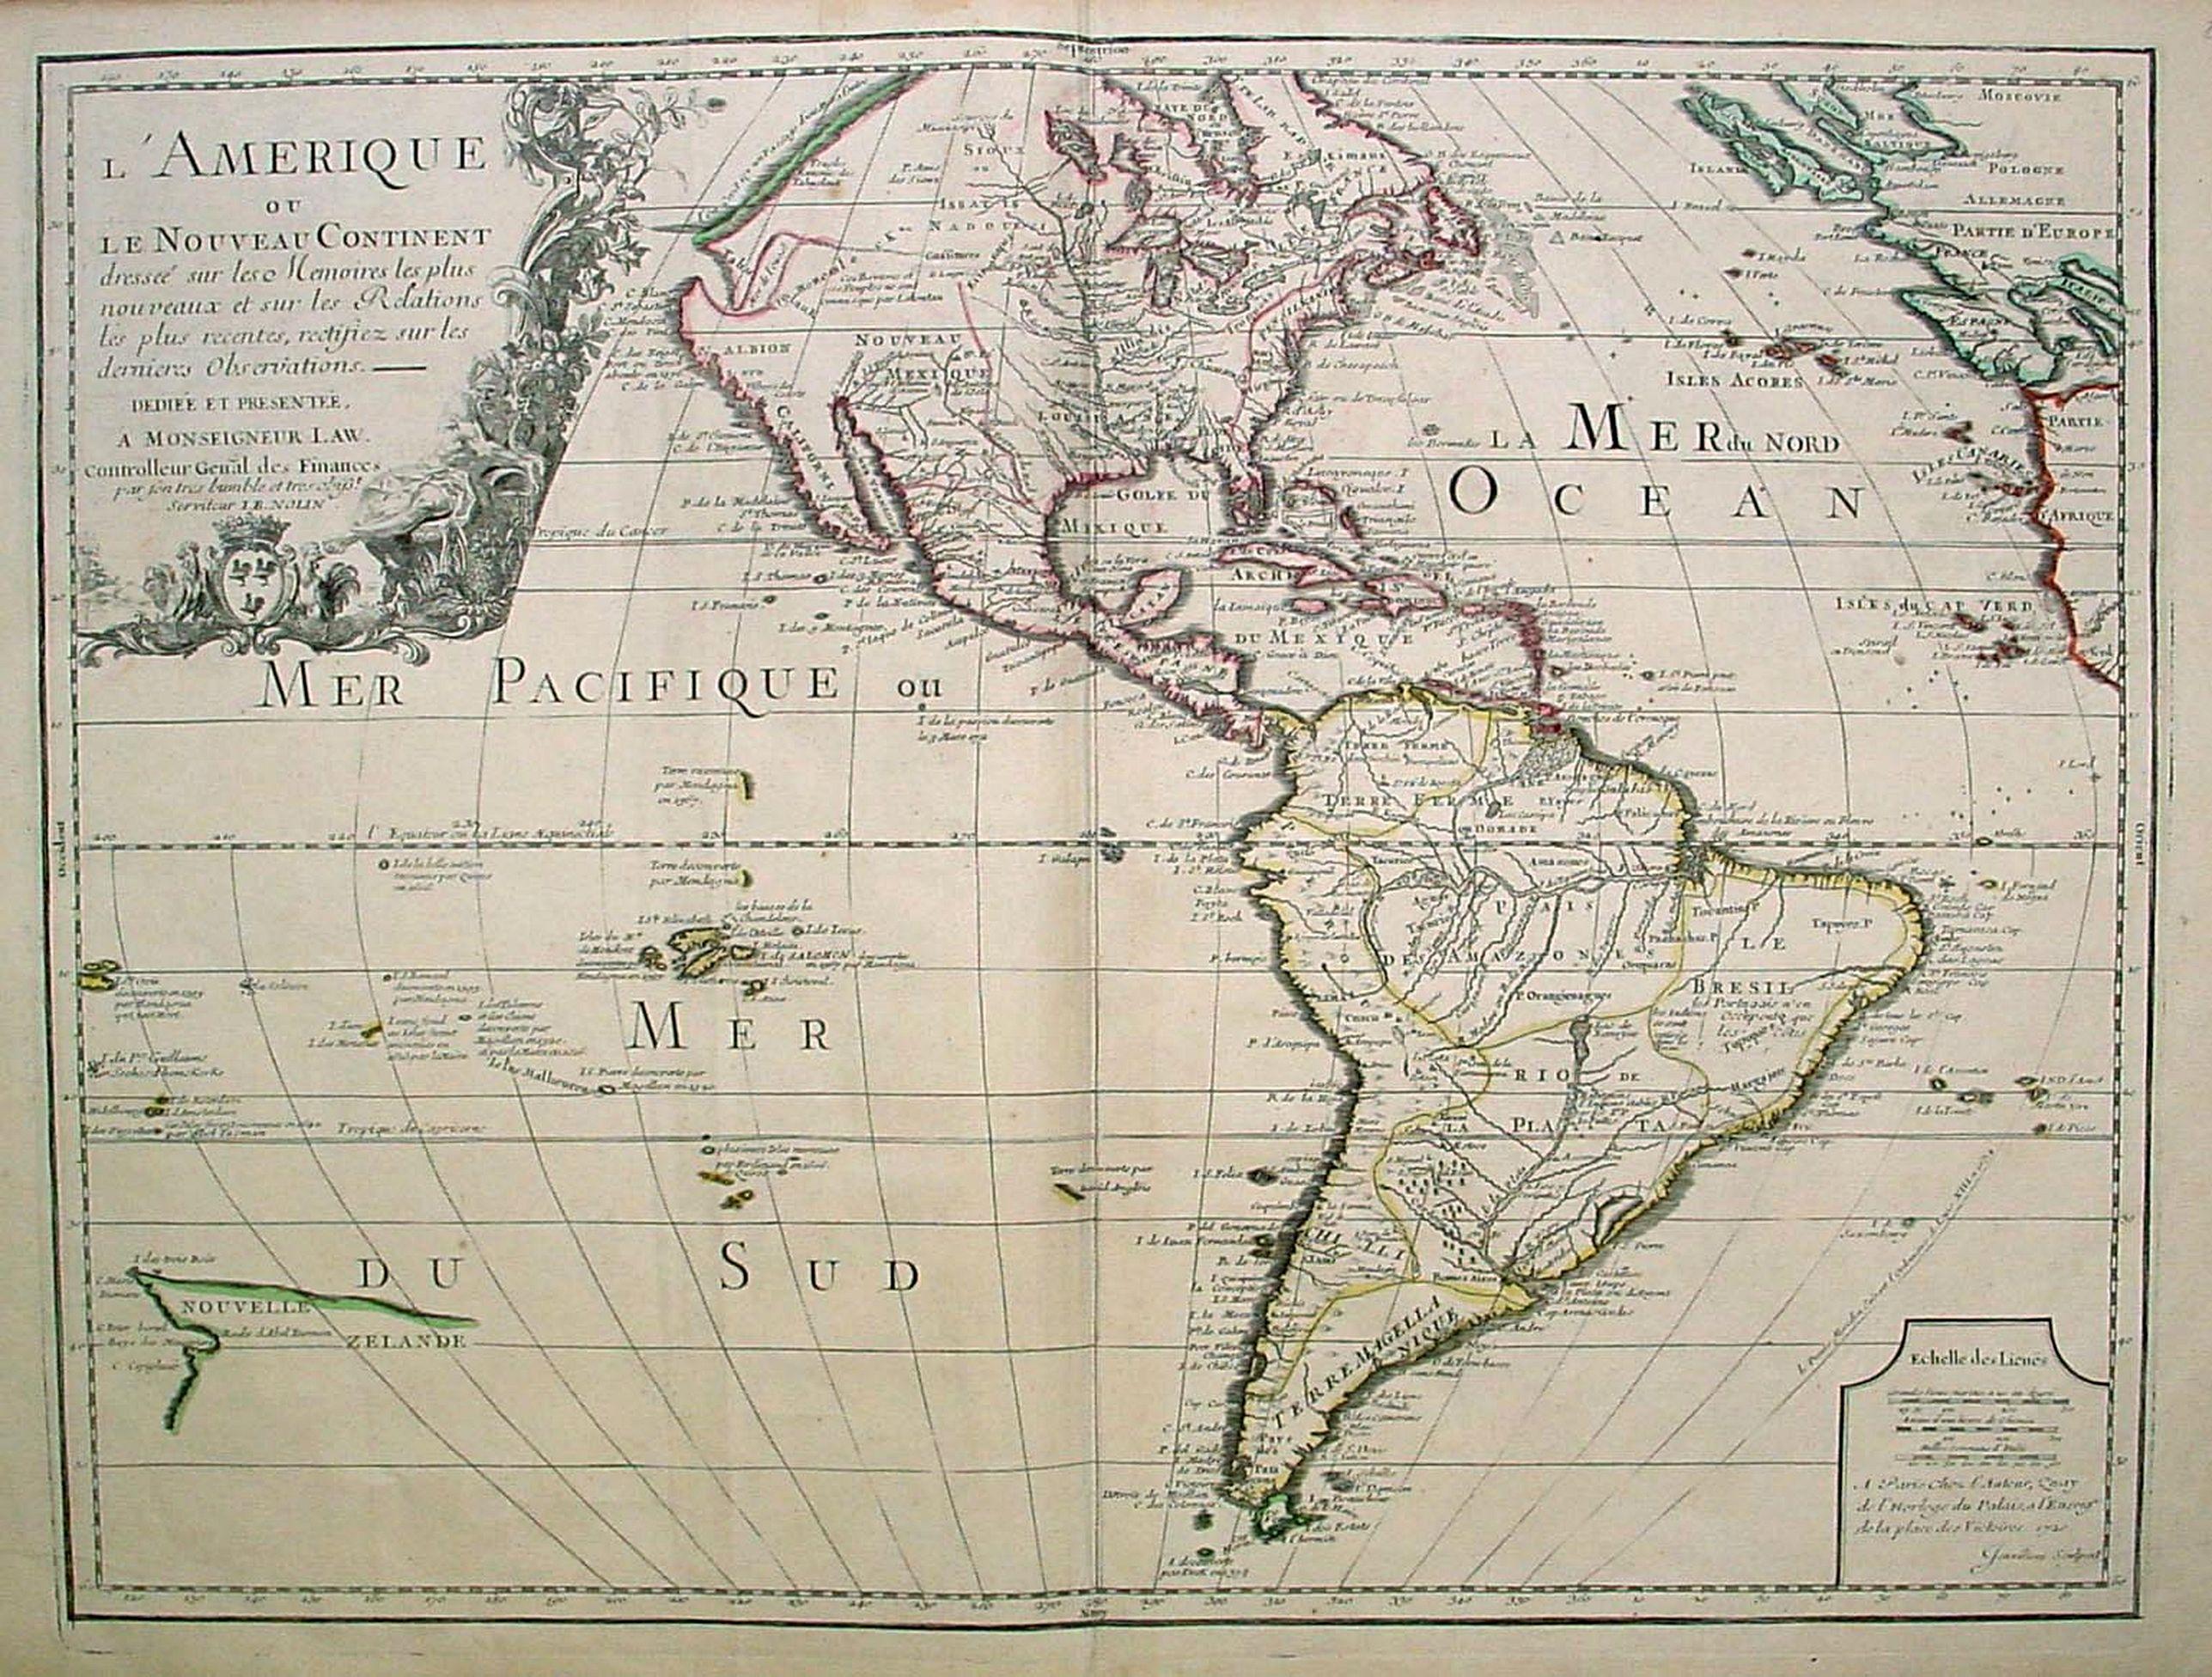 NOLIN,  J.B. -  L'Amerique ou le Nouvelle Continent.. Dedieé et presenteé a monseigneur Law.